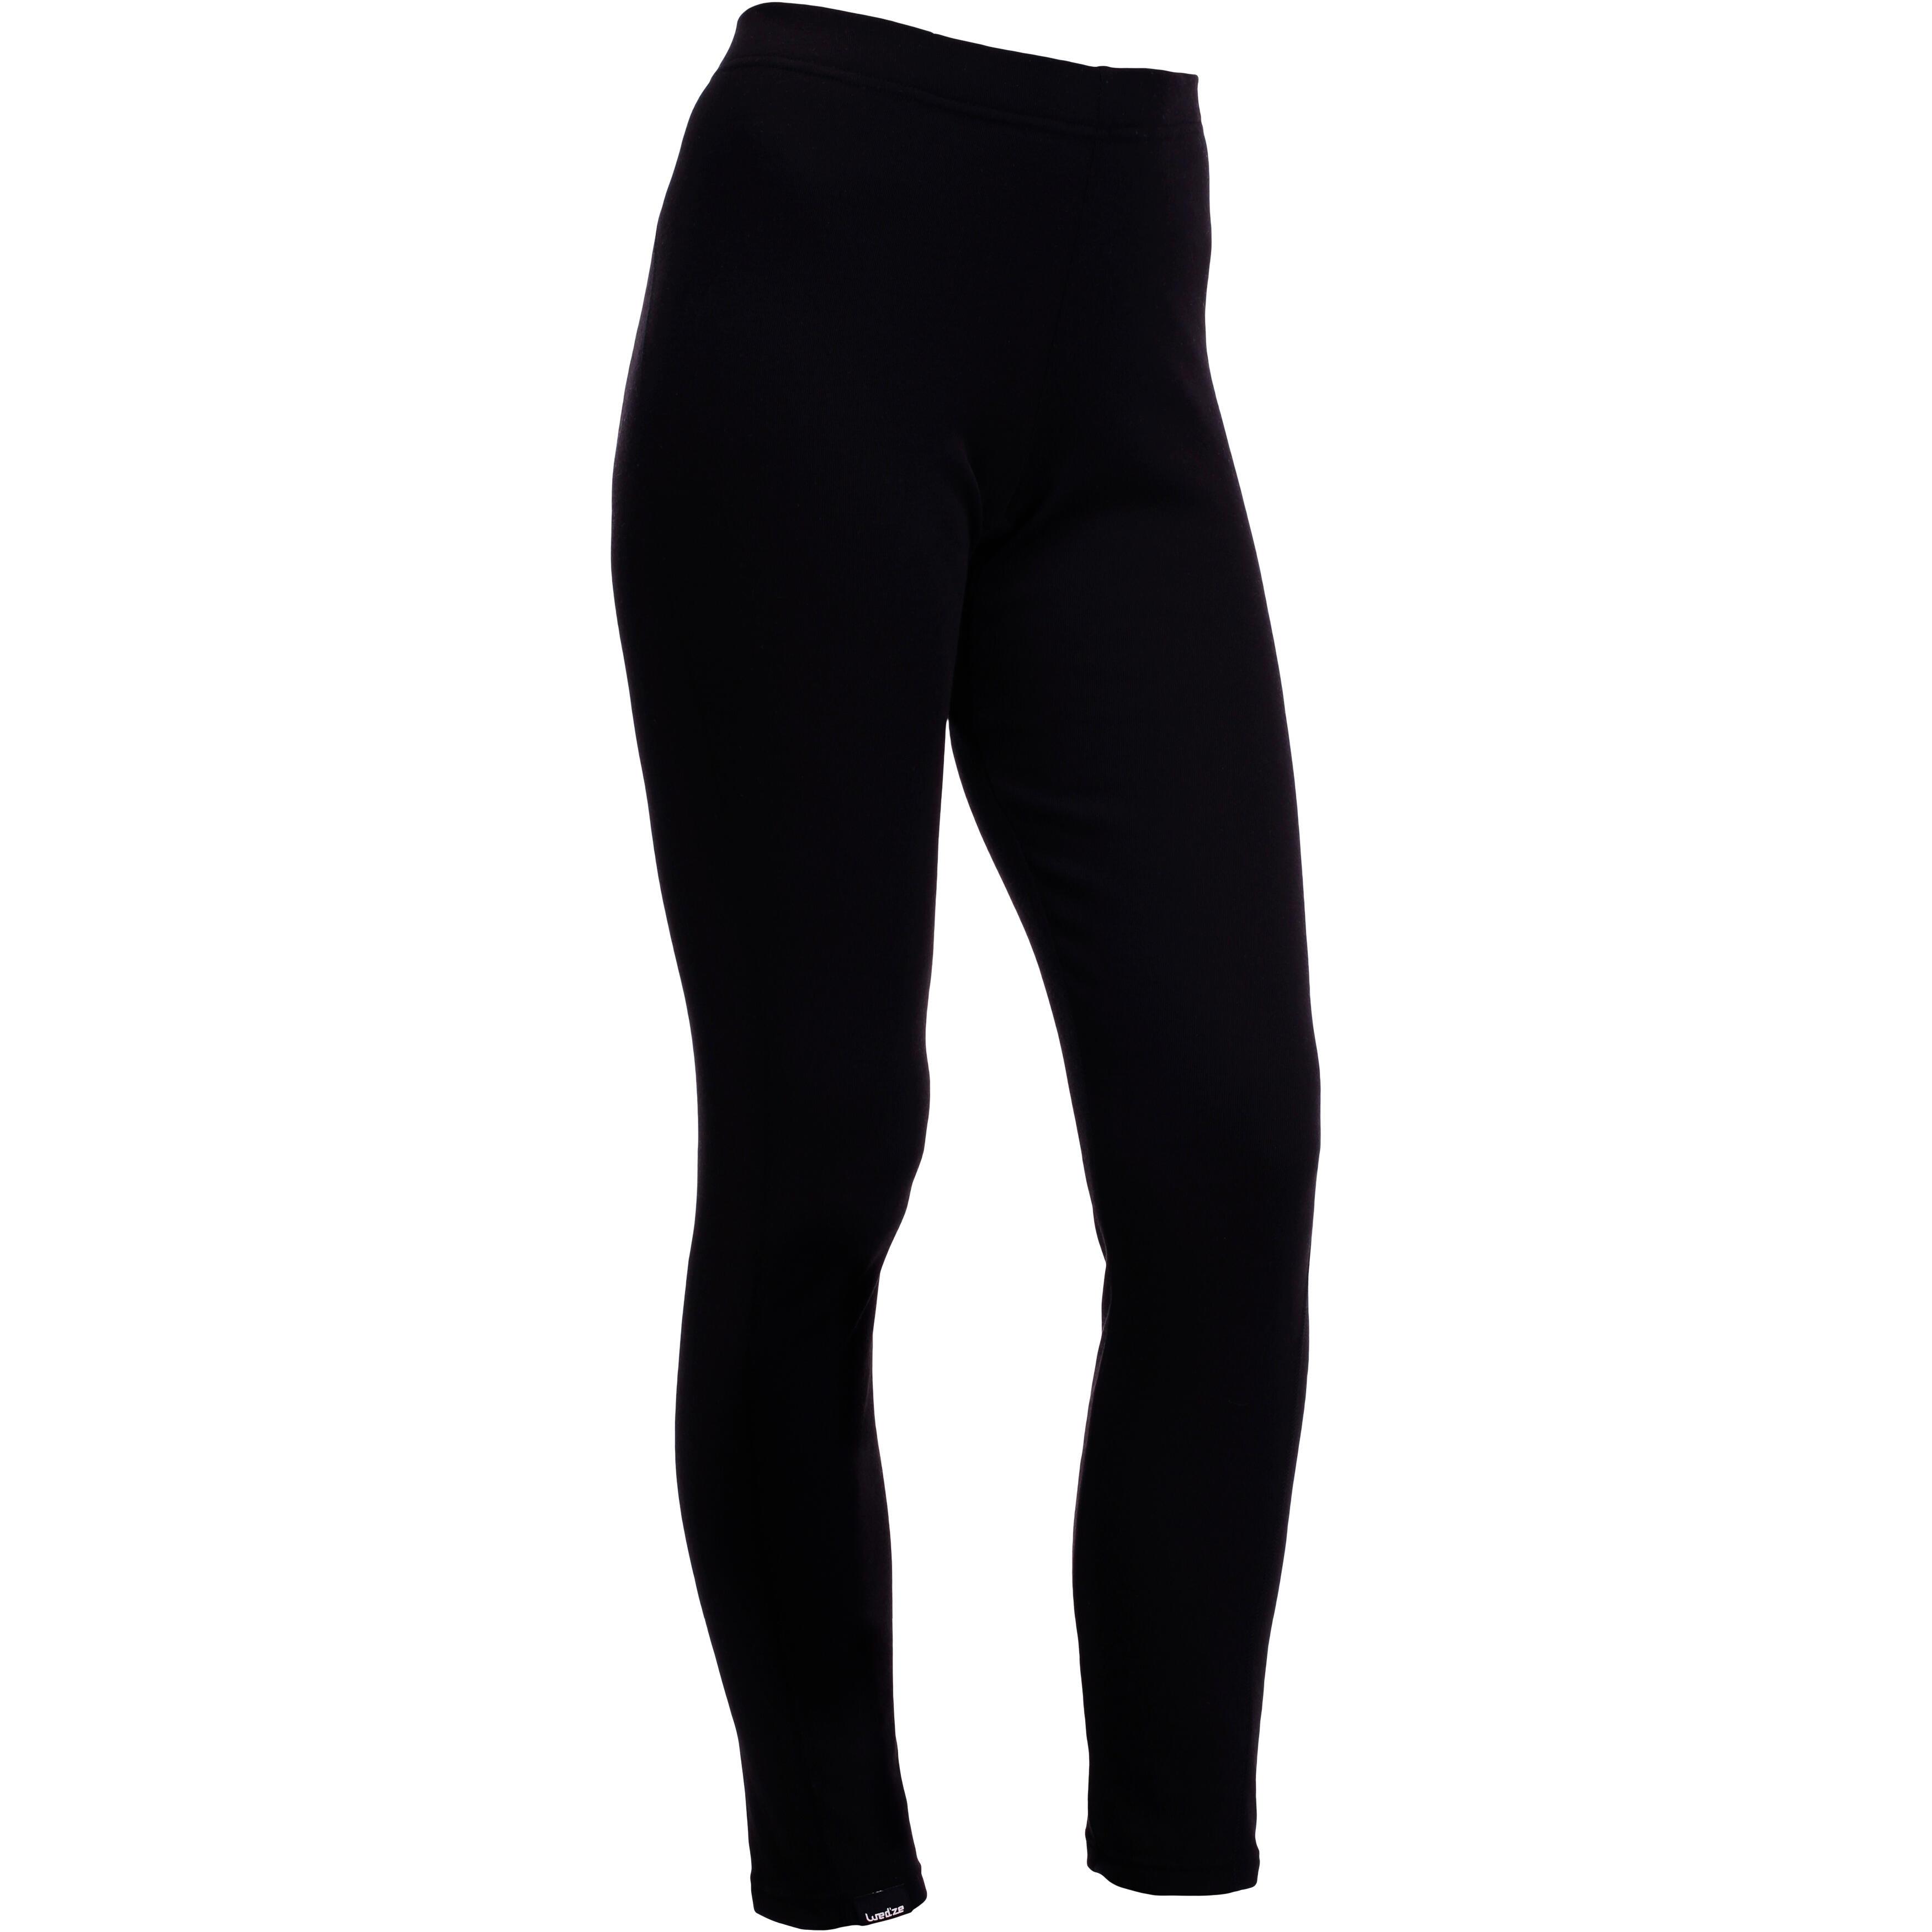 Damen Skiunterwäsche Funktionshose Simple Warm Damen schwarz   03608449917230